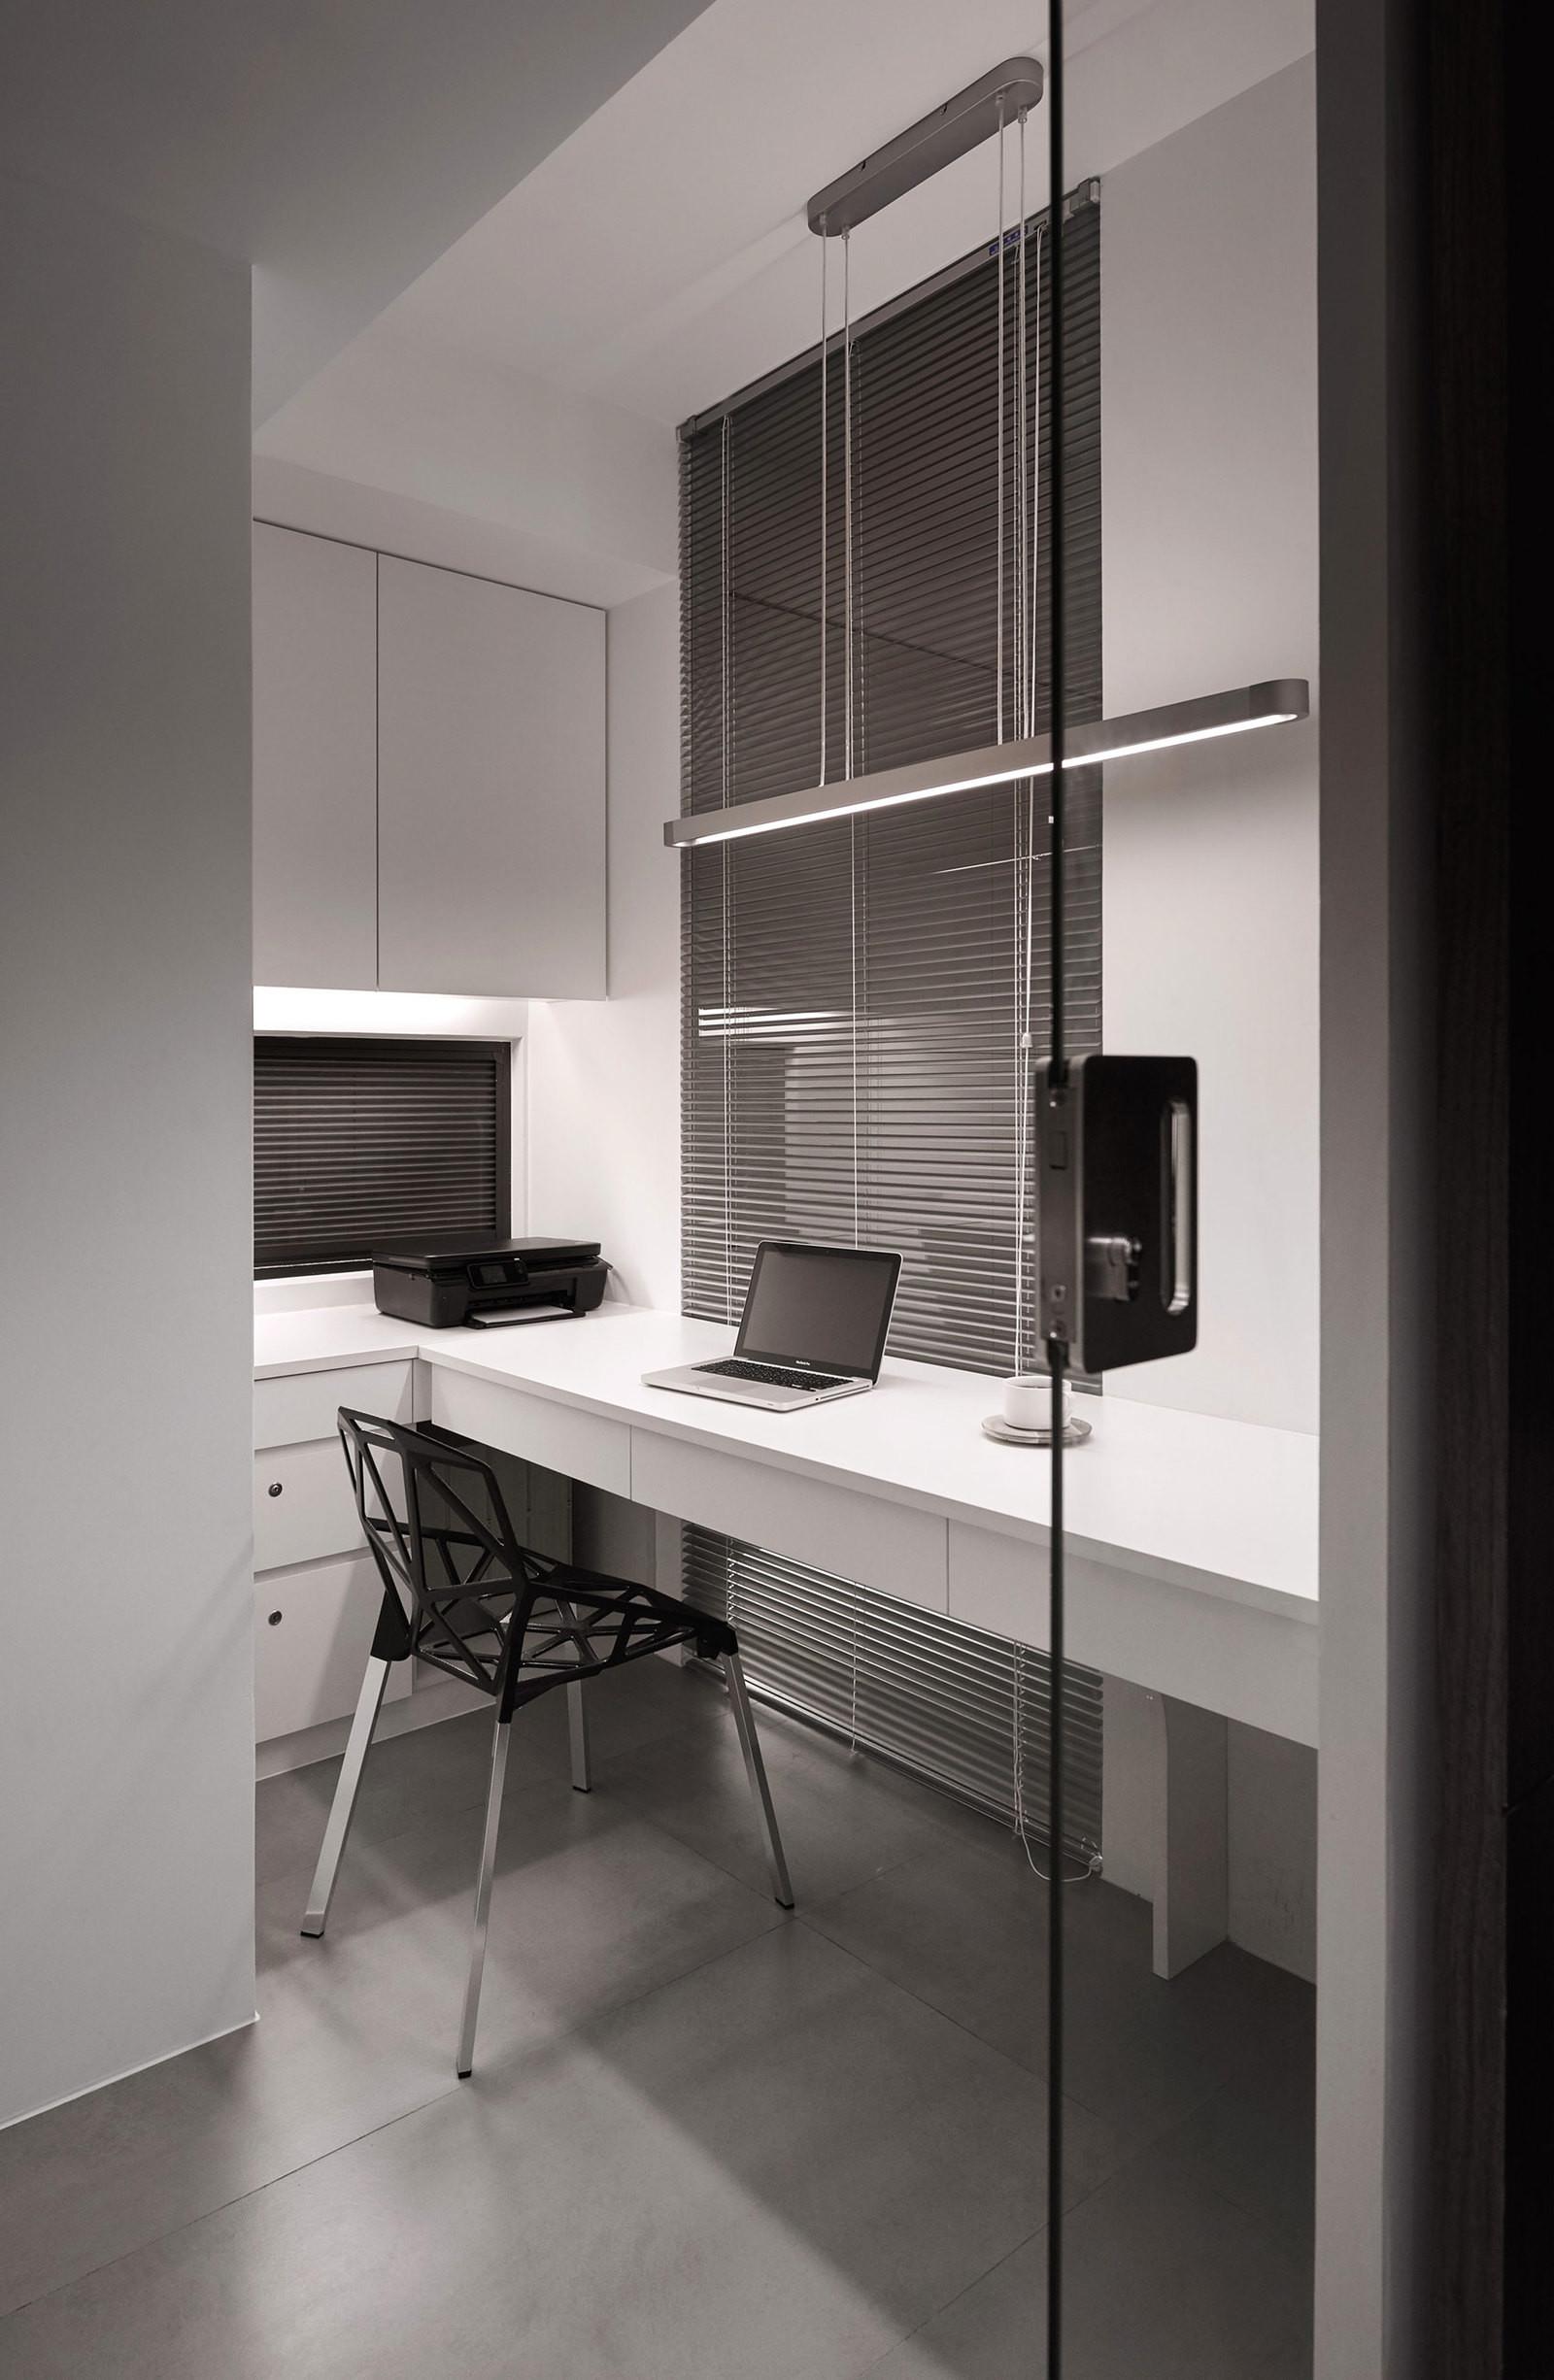 etaj-ot-kashta-s-moderen-i-prostoren-interioren-dizain-120-4g